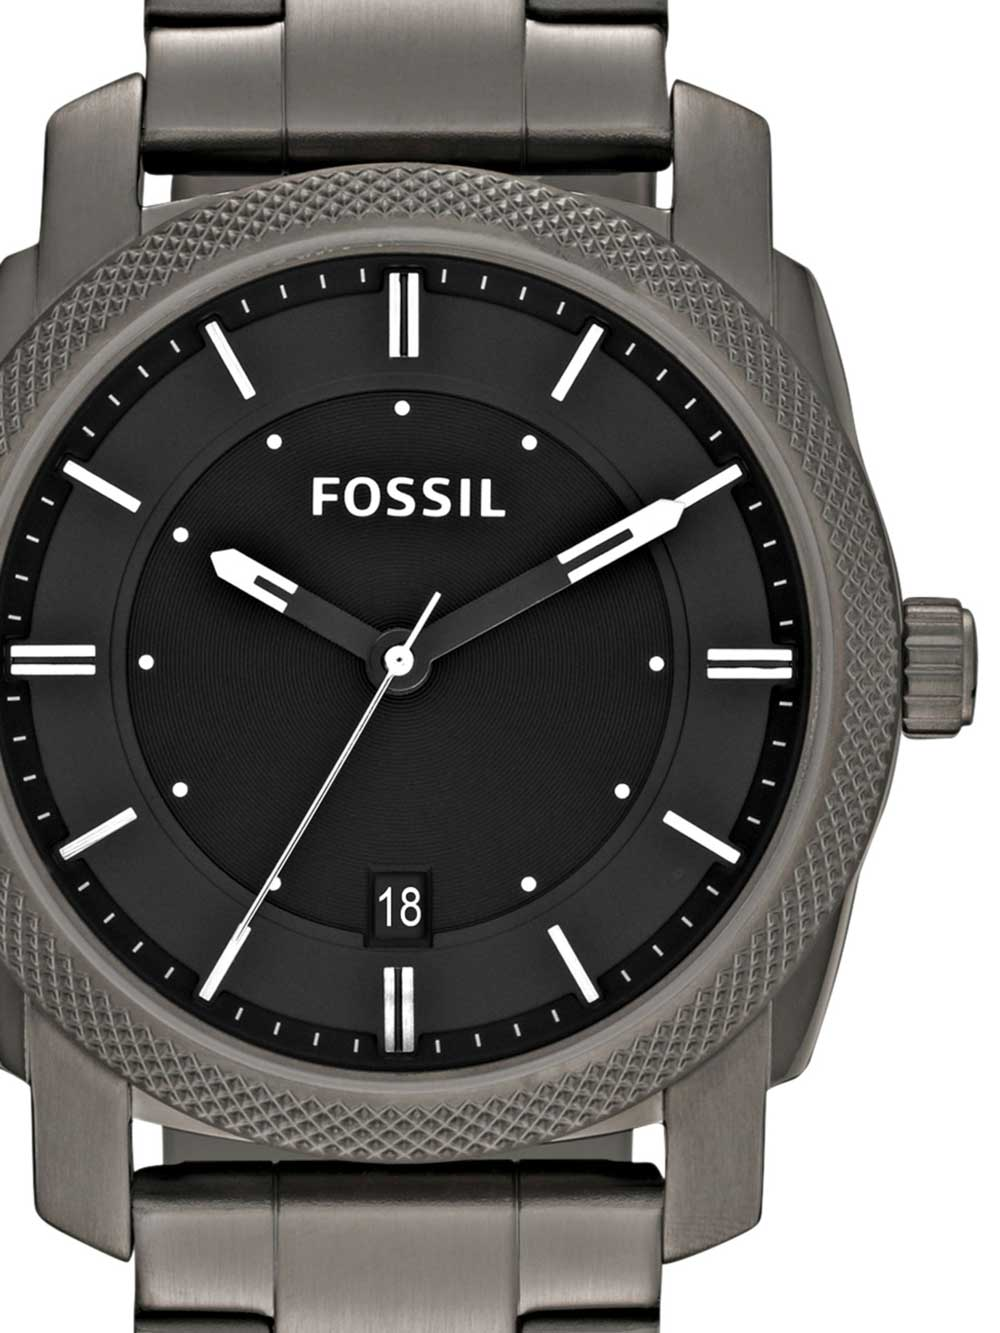 Fossil FS4774 Machine Herren 42mm 5ATM